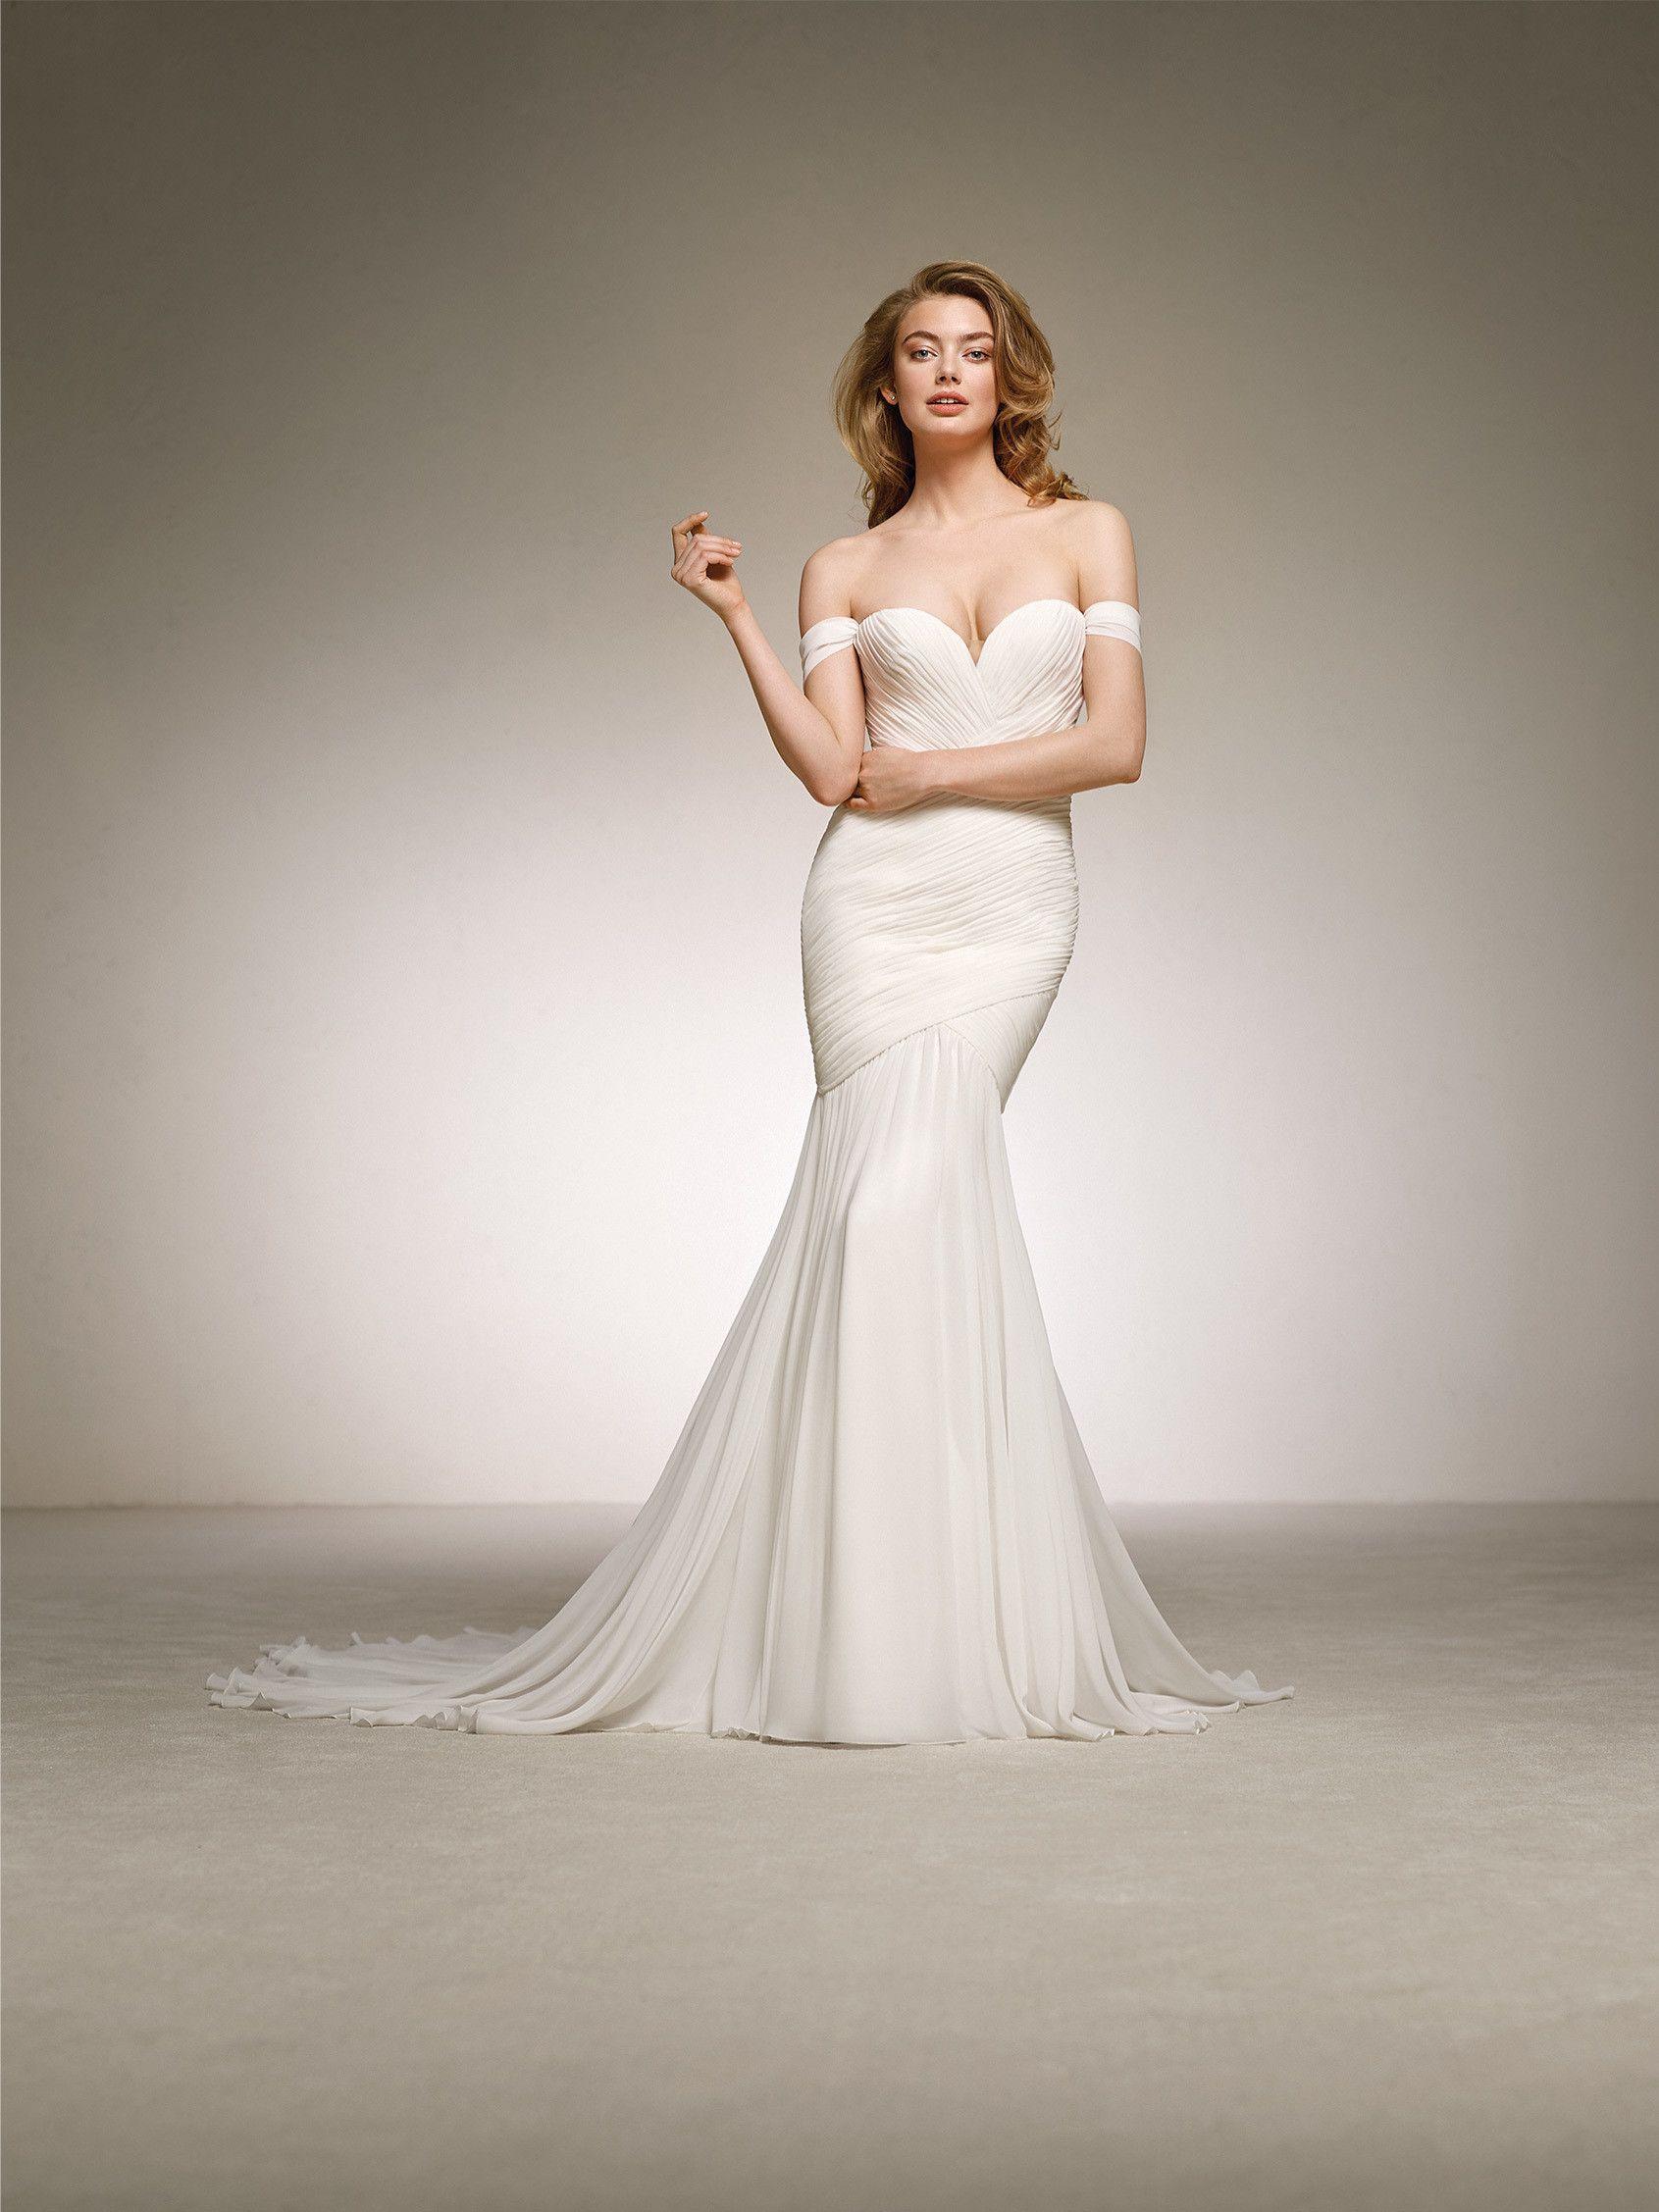 64f1ddbb5 vestido para novia diosa griega - Colección 2018 Pronovias